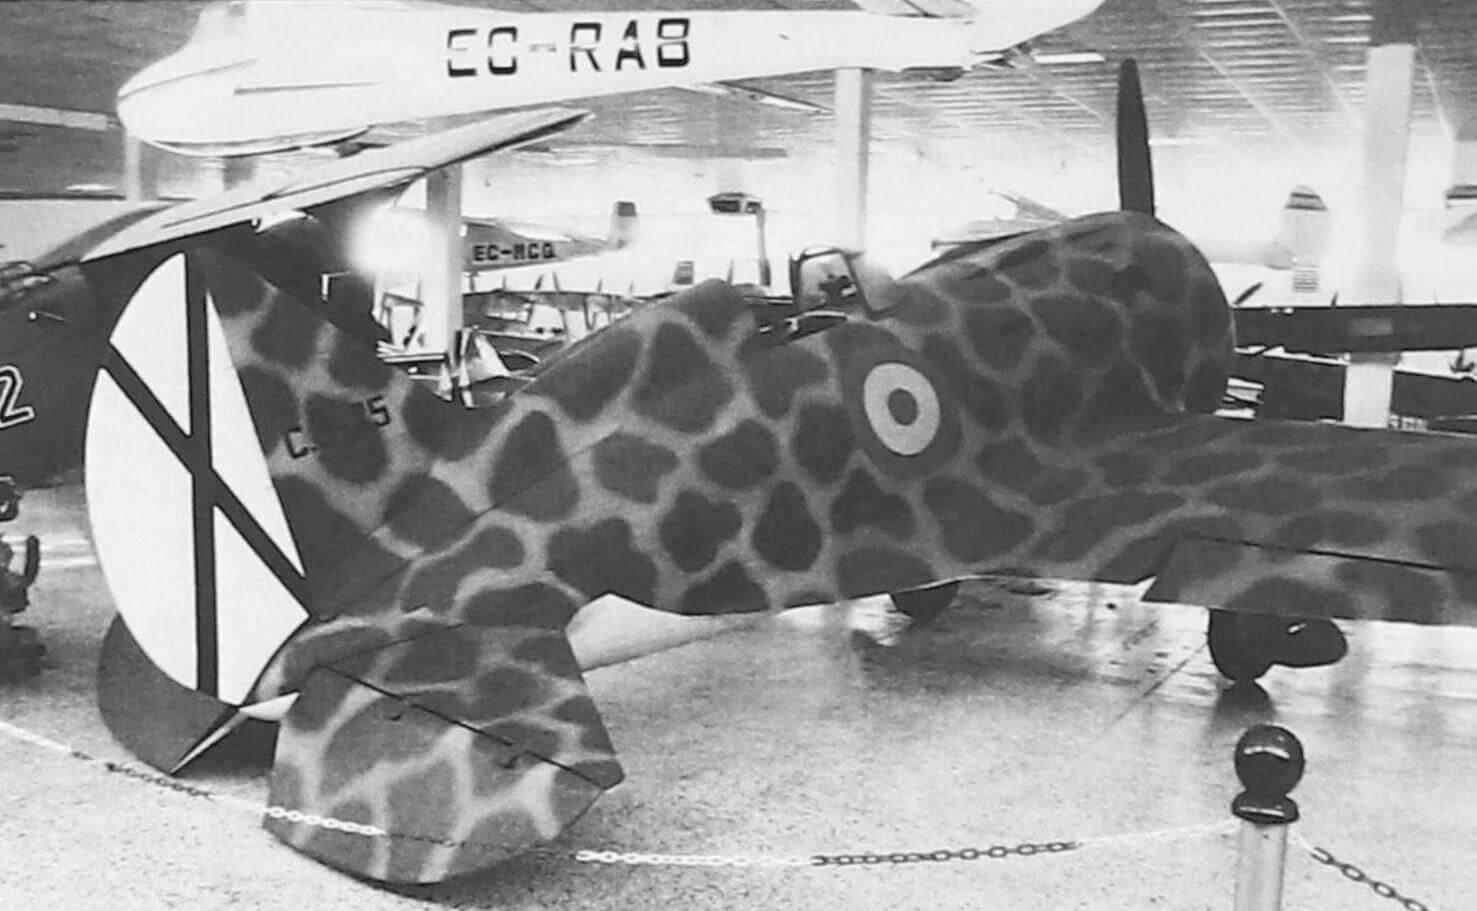 Реплика советского истребителя И-16; с этой стороны он покрашен как самолет франкистской авиации